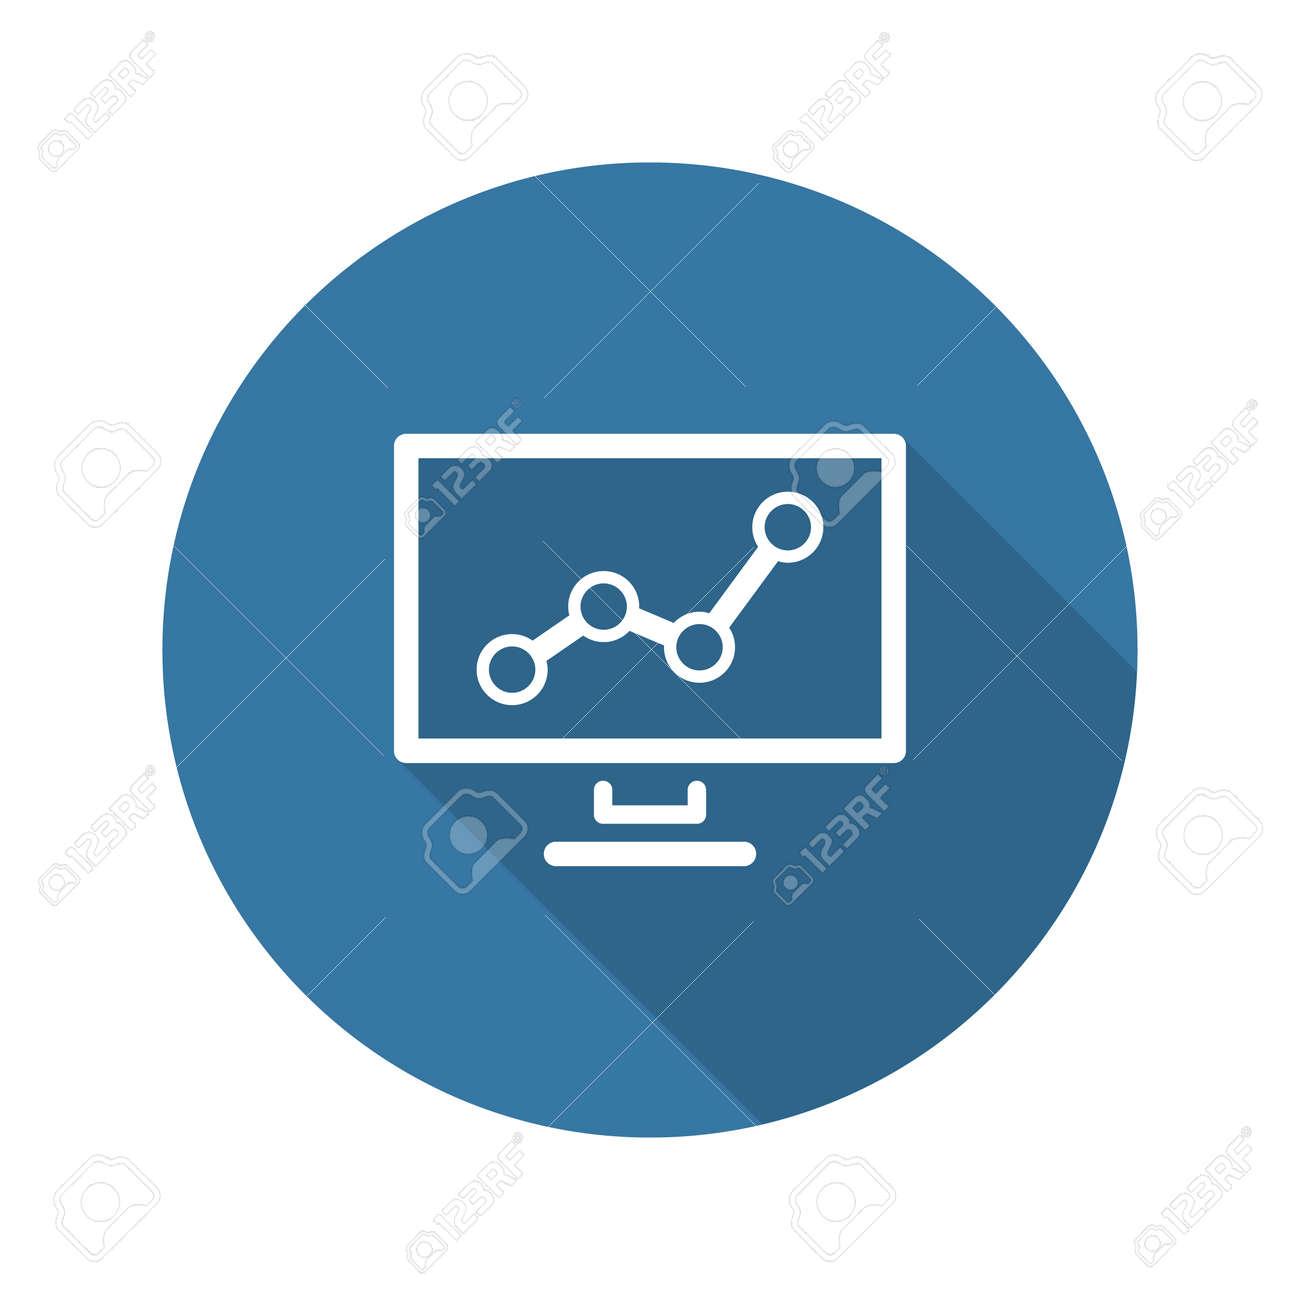 Icone D Analyse Commerciale Concept D Entreprise Design Plat